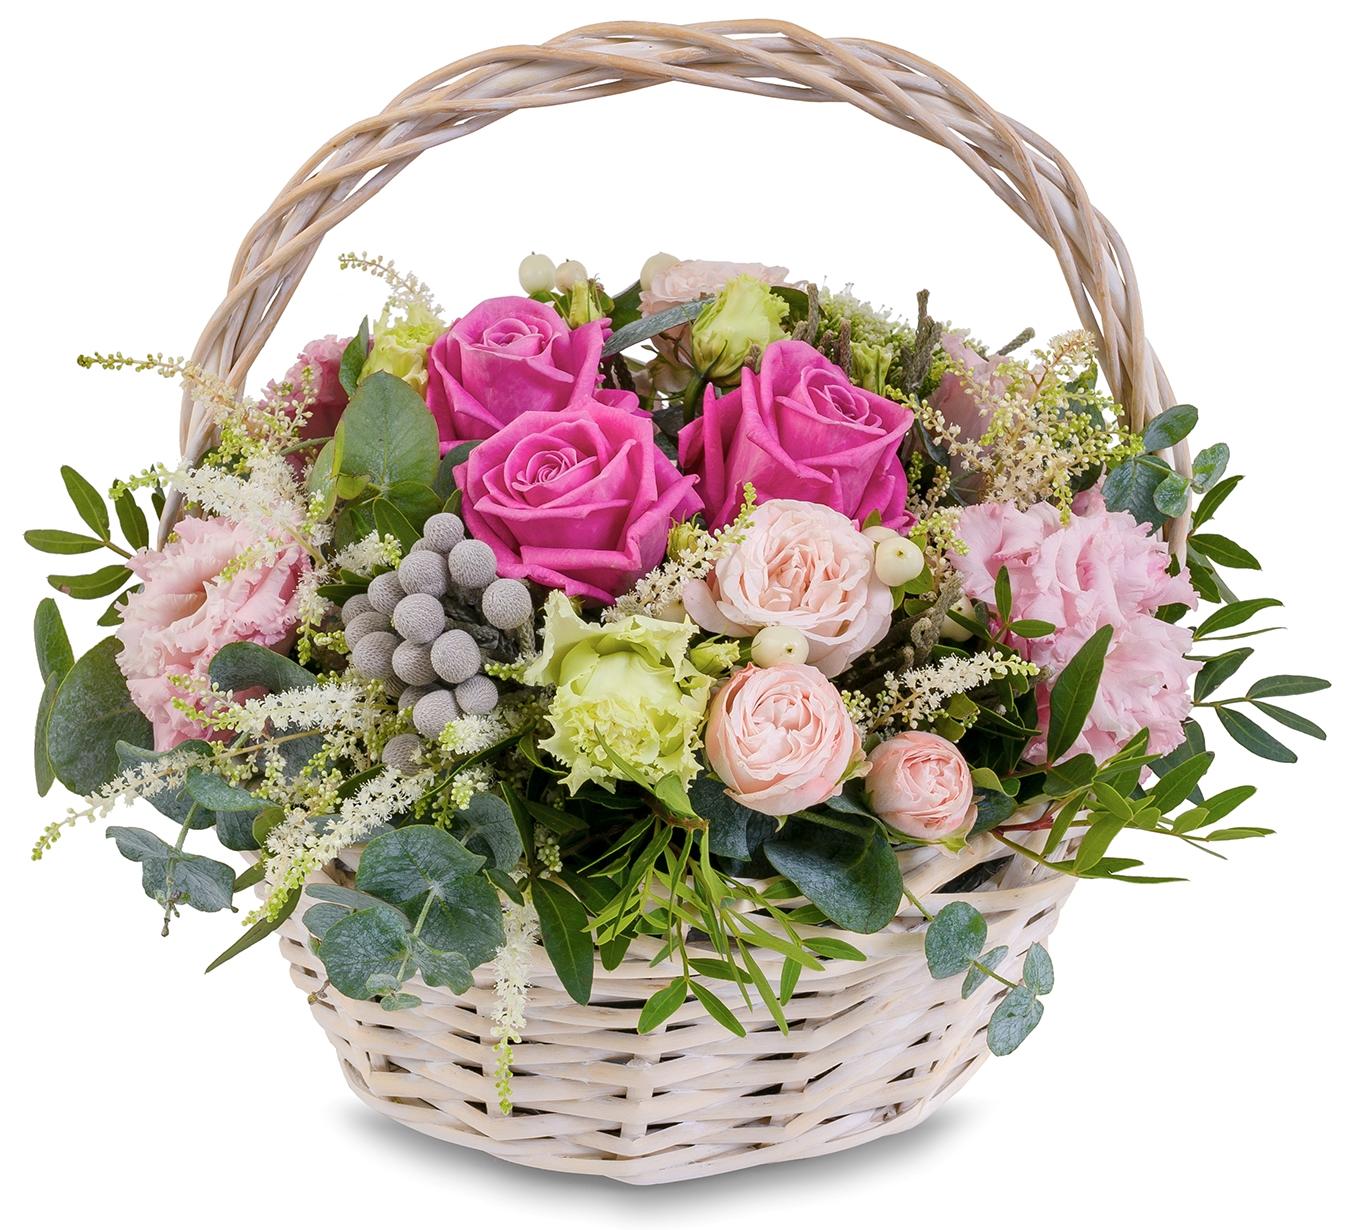 Купить цветы в корзине недорого в спб